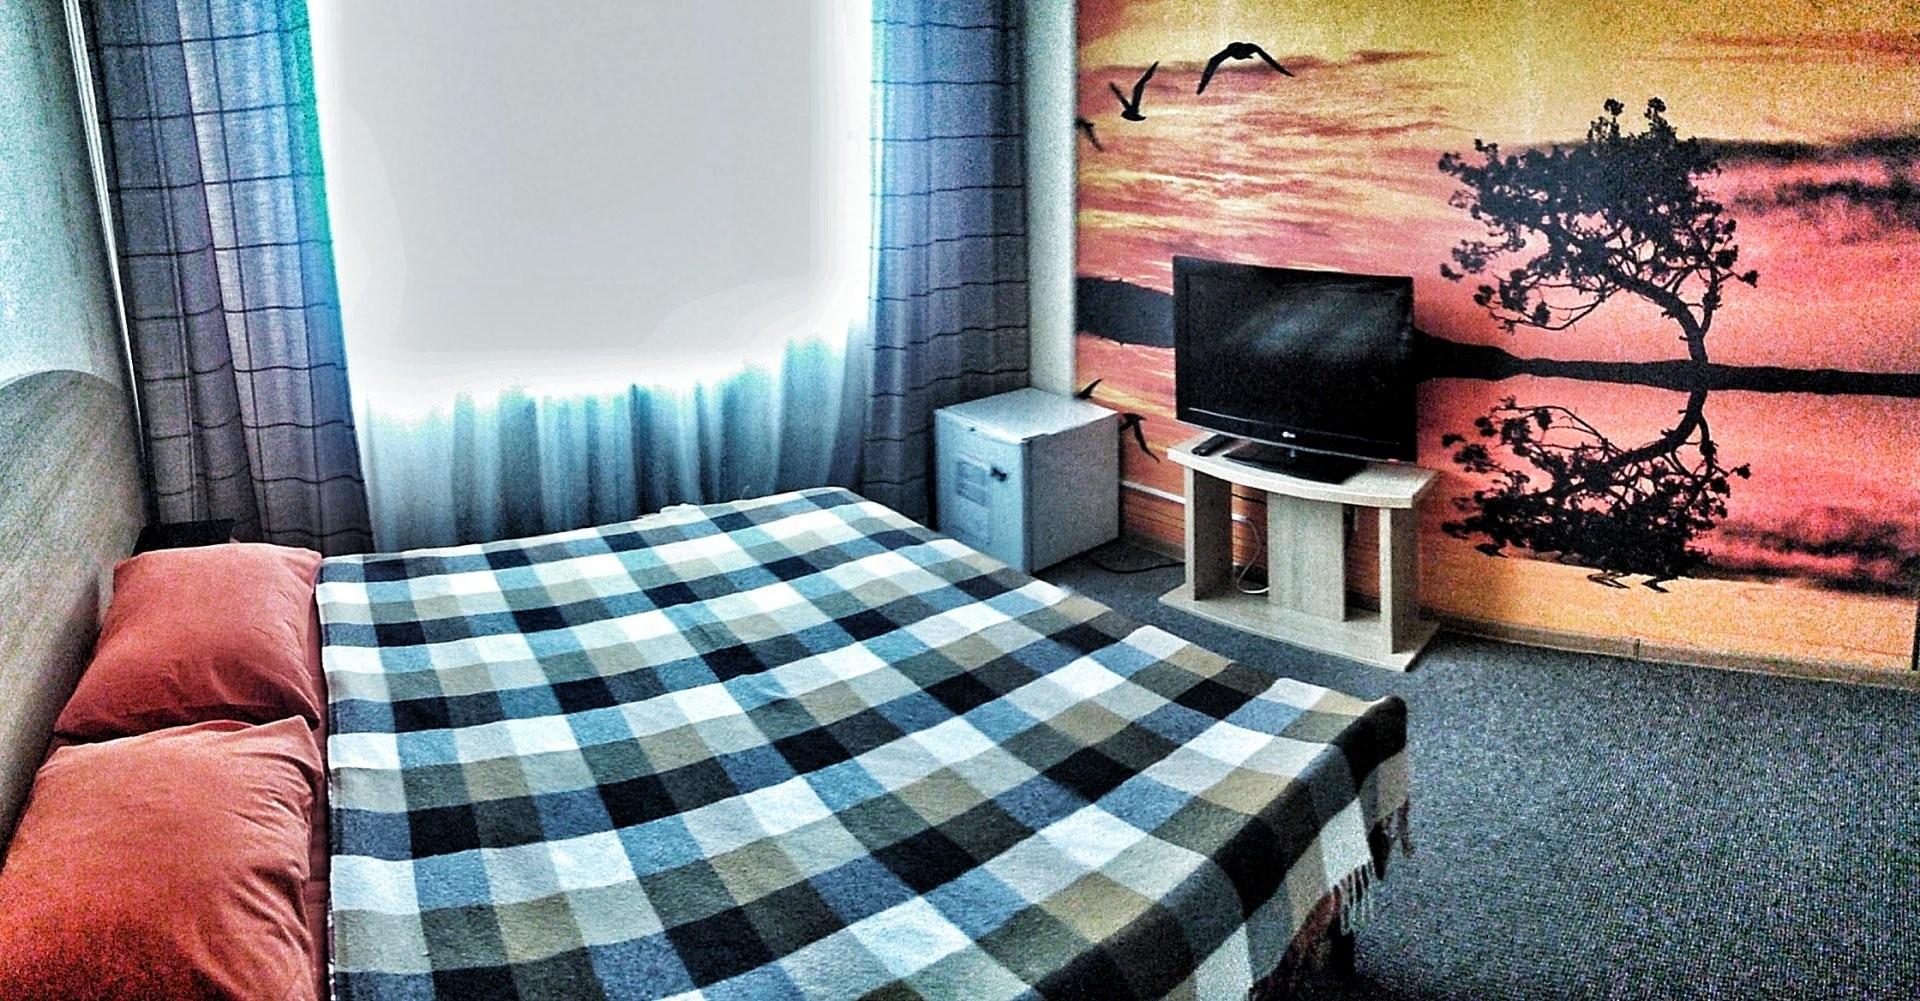 Мальта, гостиничный комплекс - №18